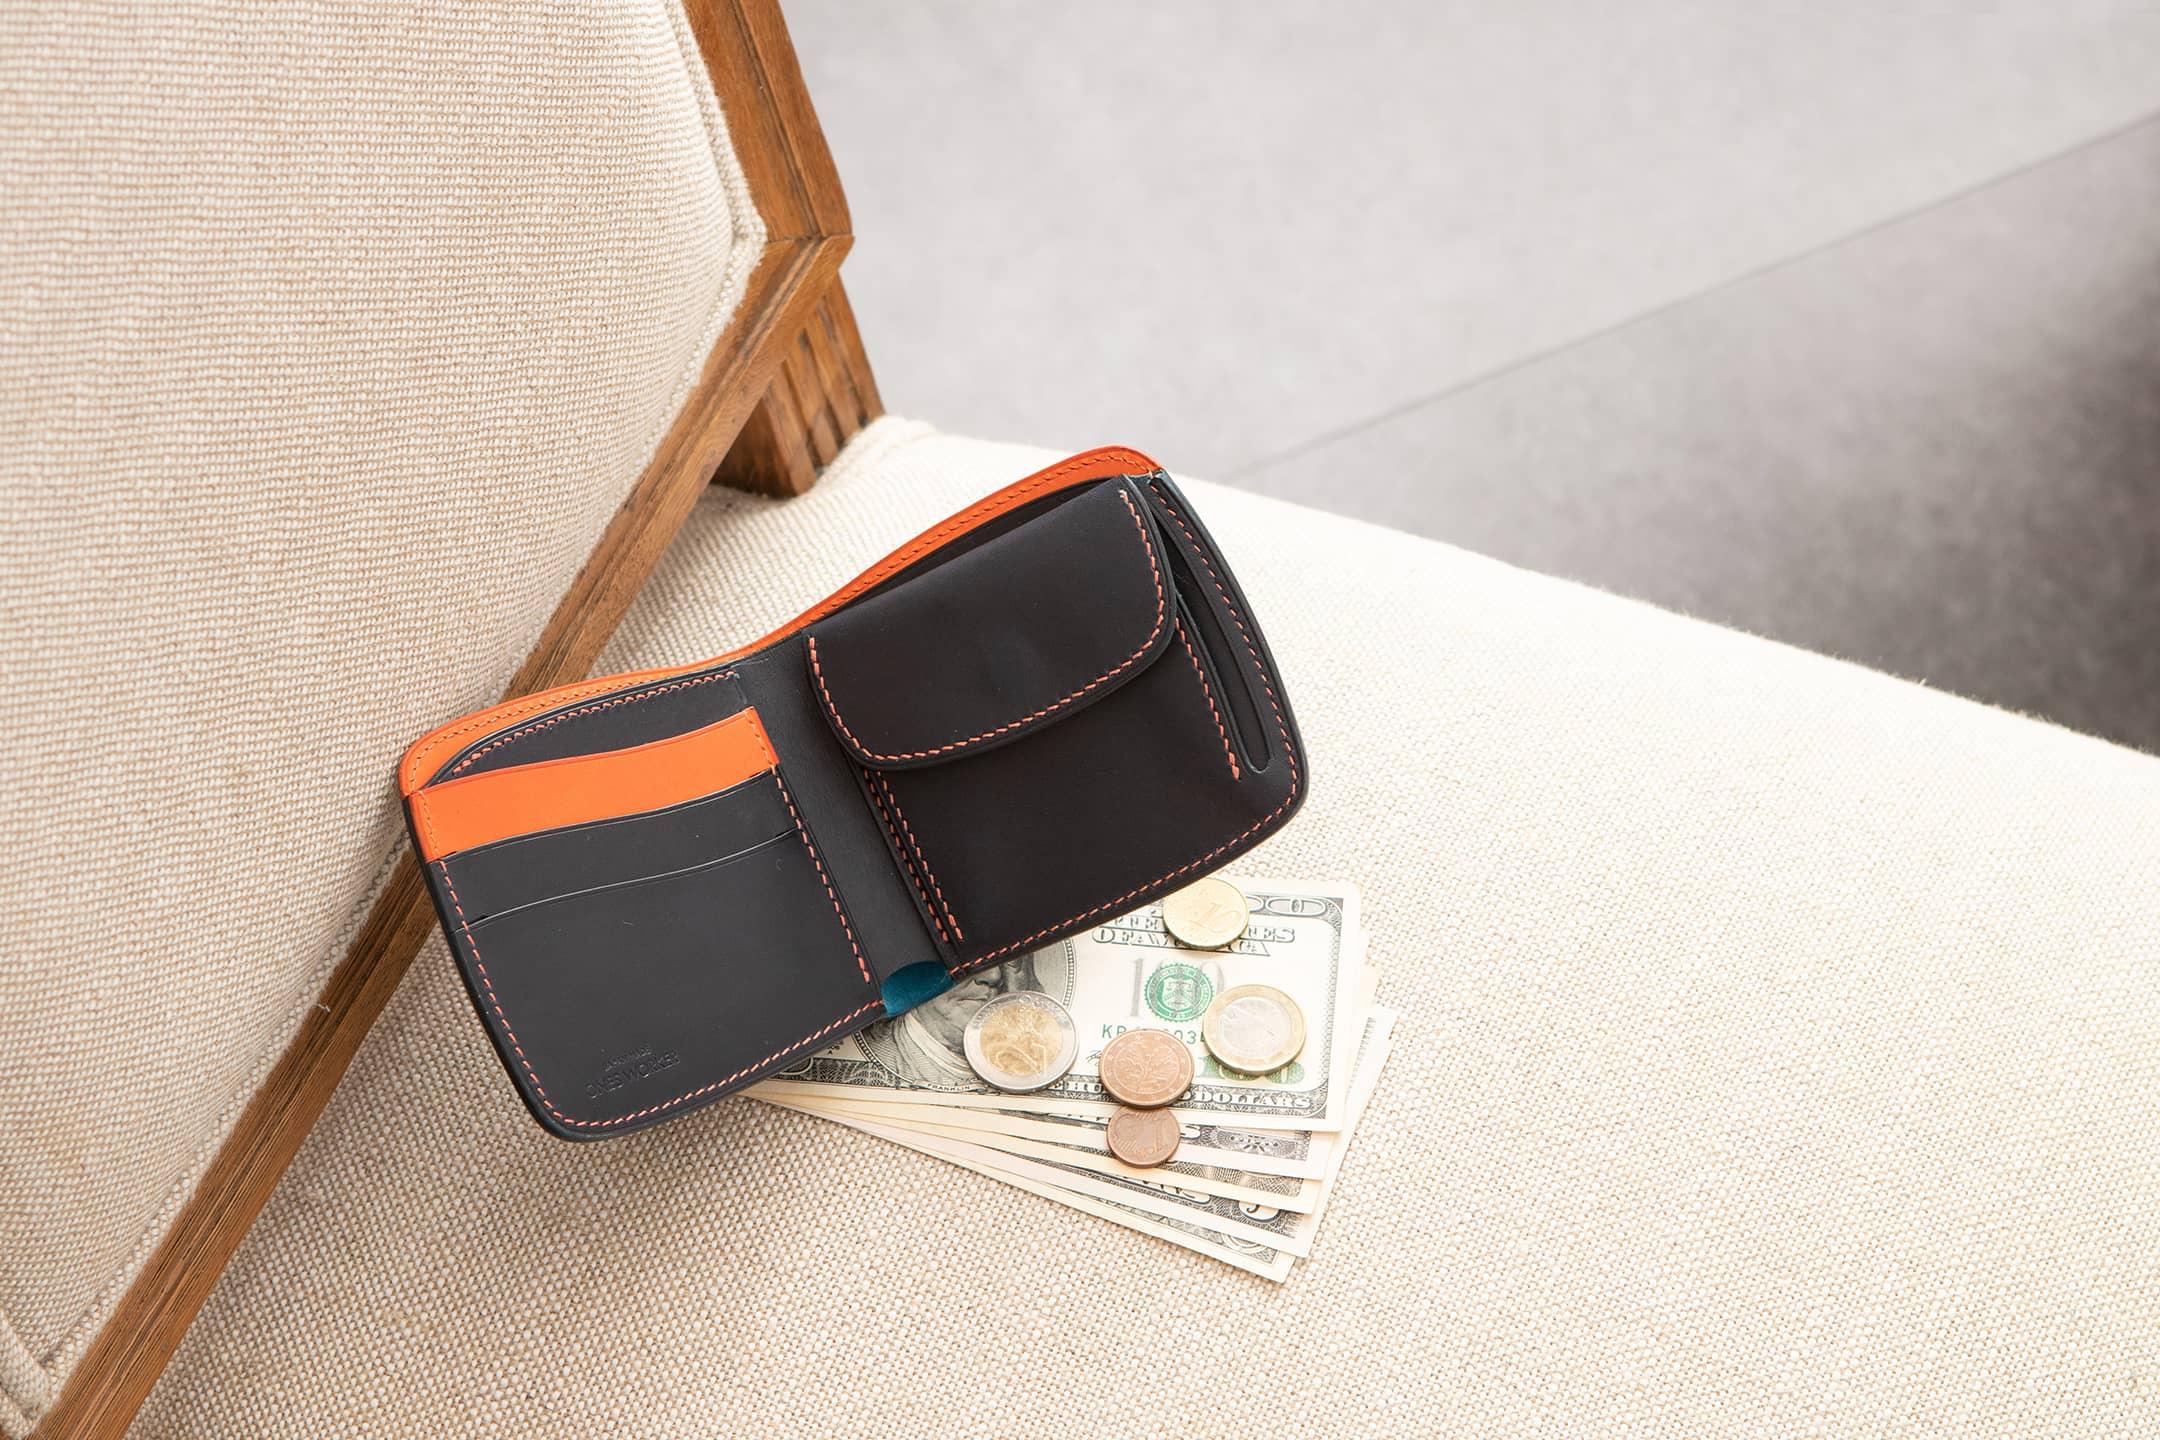 オイルコードバン & ブッテーロ シェル型二つ折り財布(小銭入れ付き) by ONE WORKER(ワンズワーカー)